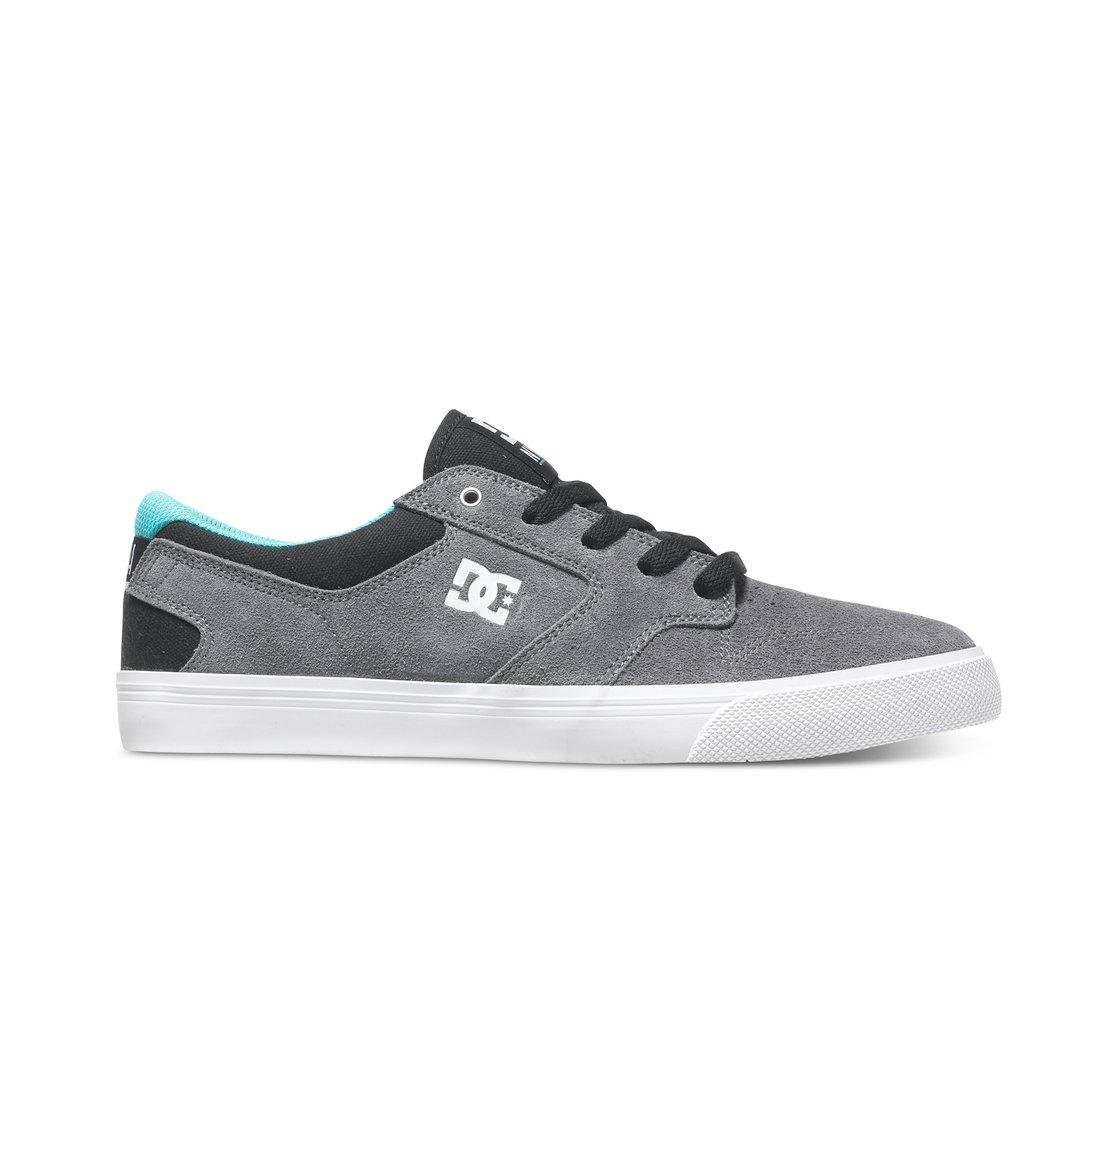 Nyjah Vulc - Dcshoes������ ������� ���� Nyjah Vulc �� DC Shoes. <br>��������������: ��������� � ��������� �� ������, ��������� ������ ��������, ������� �������� ����, ������� ��������������� ��� � ������������ ��������, ���������� ��� �������������, ������������ ������� � ������� �� ����, ������� �� ������� � ������� �� �����, ������� ���������� Impact S, ������� ���� � ������� � ������ ������������, ����������������� ����������� ��� ����� ������� �������� �����, ������������� ���������� �������, ��������� ������� ���������� ������� DC Pill Pattern. <br>������: ����: ���� / ���������: �������� / �������: ������.<br>